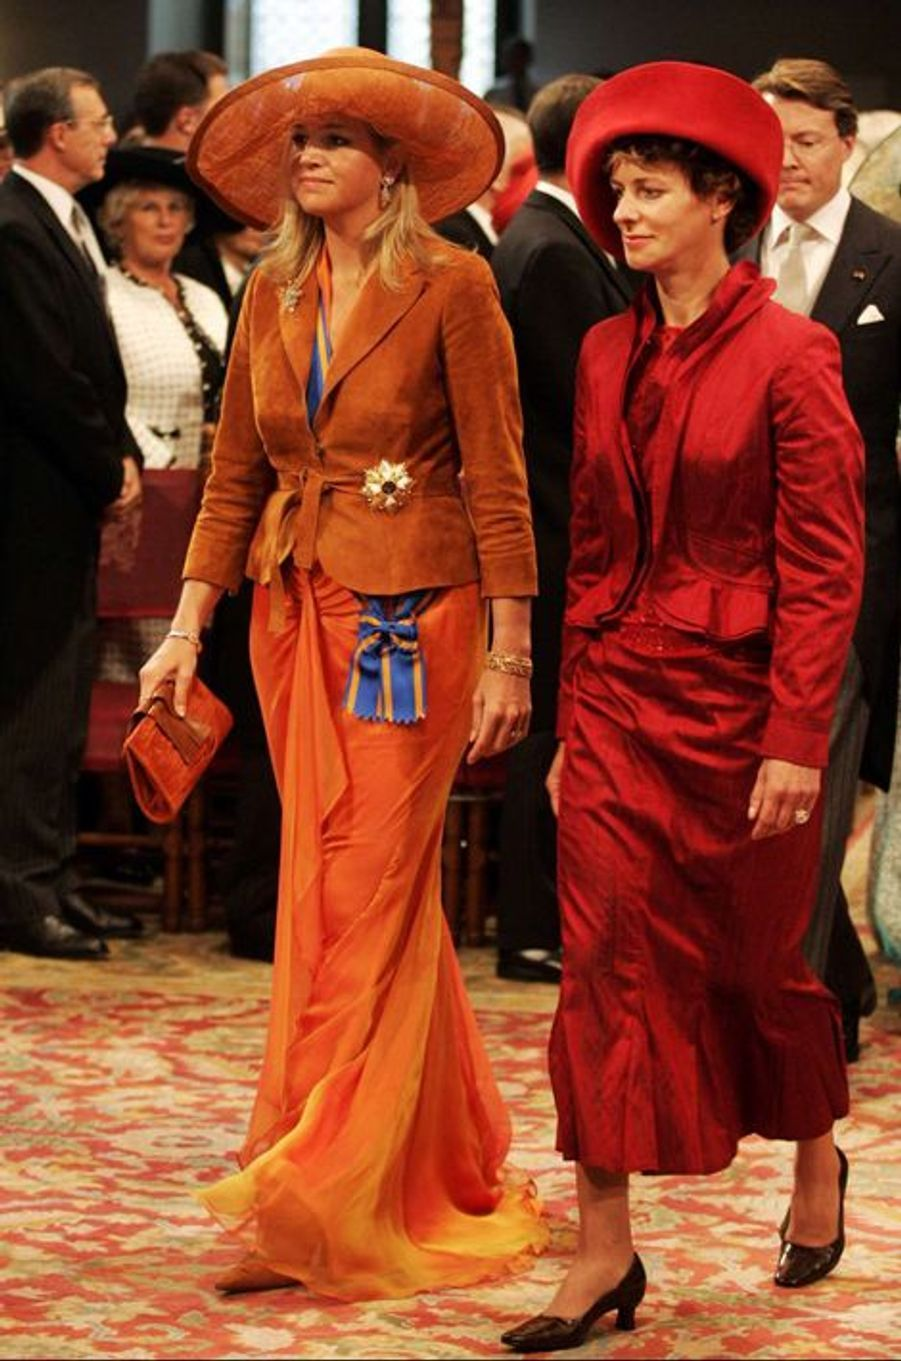 La princesse Maxima des Pays-Bas, le 20 septembre 2005